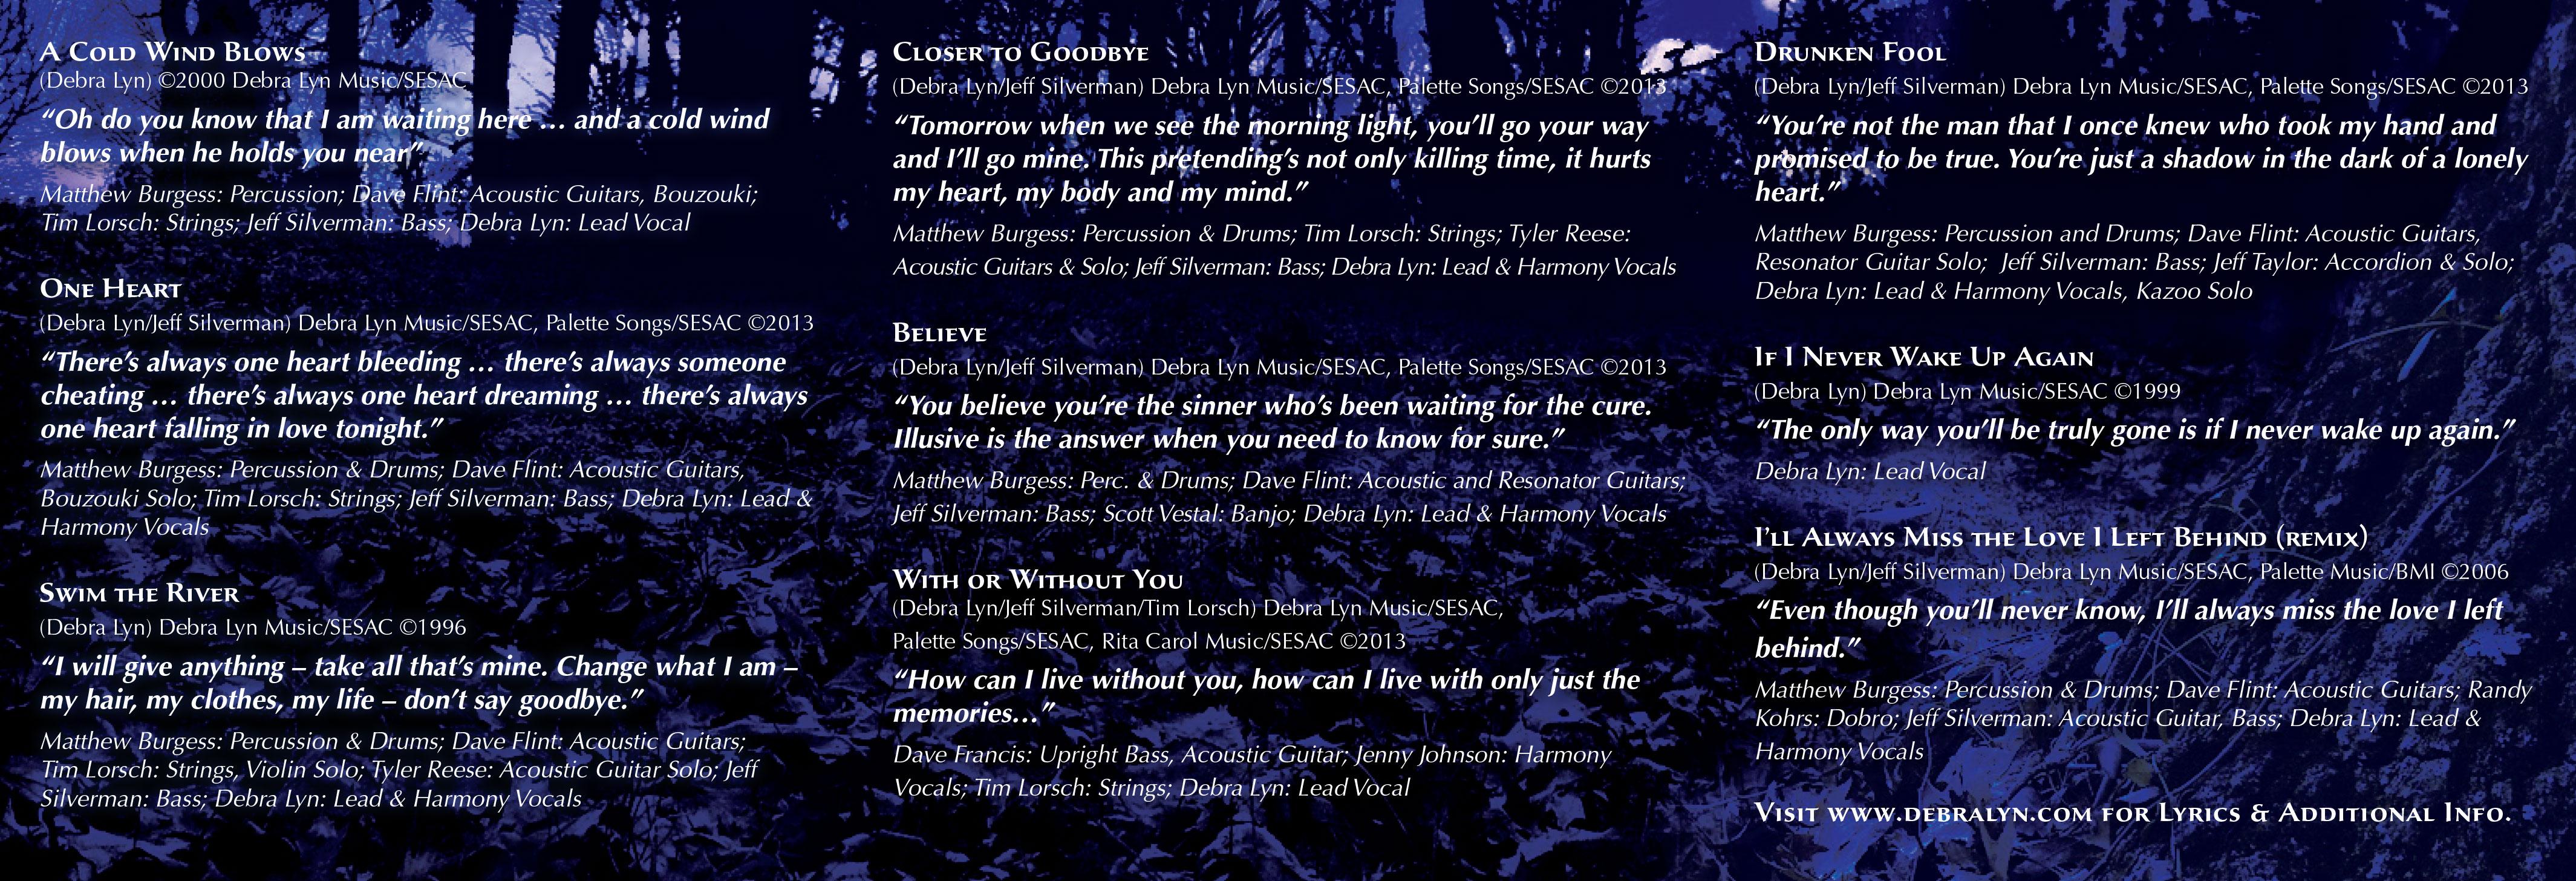 Debra Lyn-A Cold Wind Blows - Inside Booklet - Nashville-Mt. Juliet CD Design